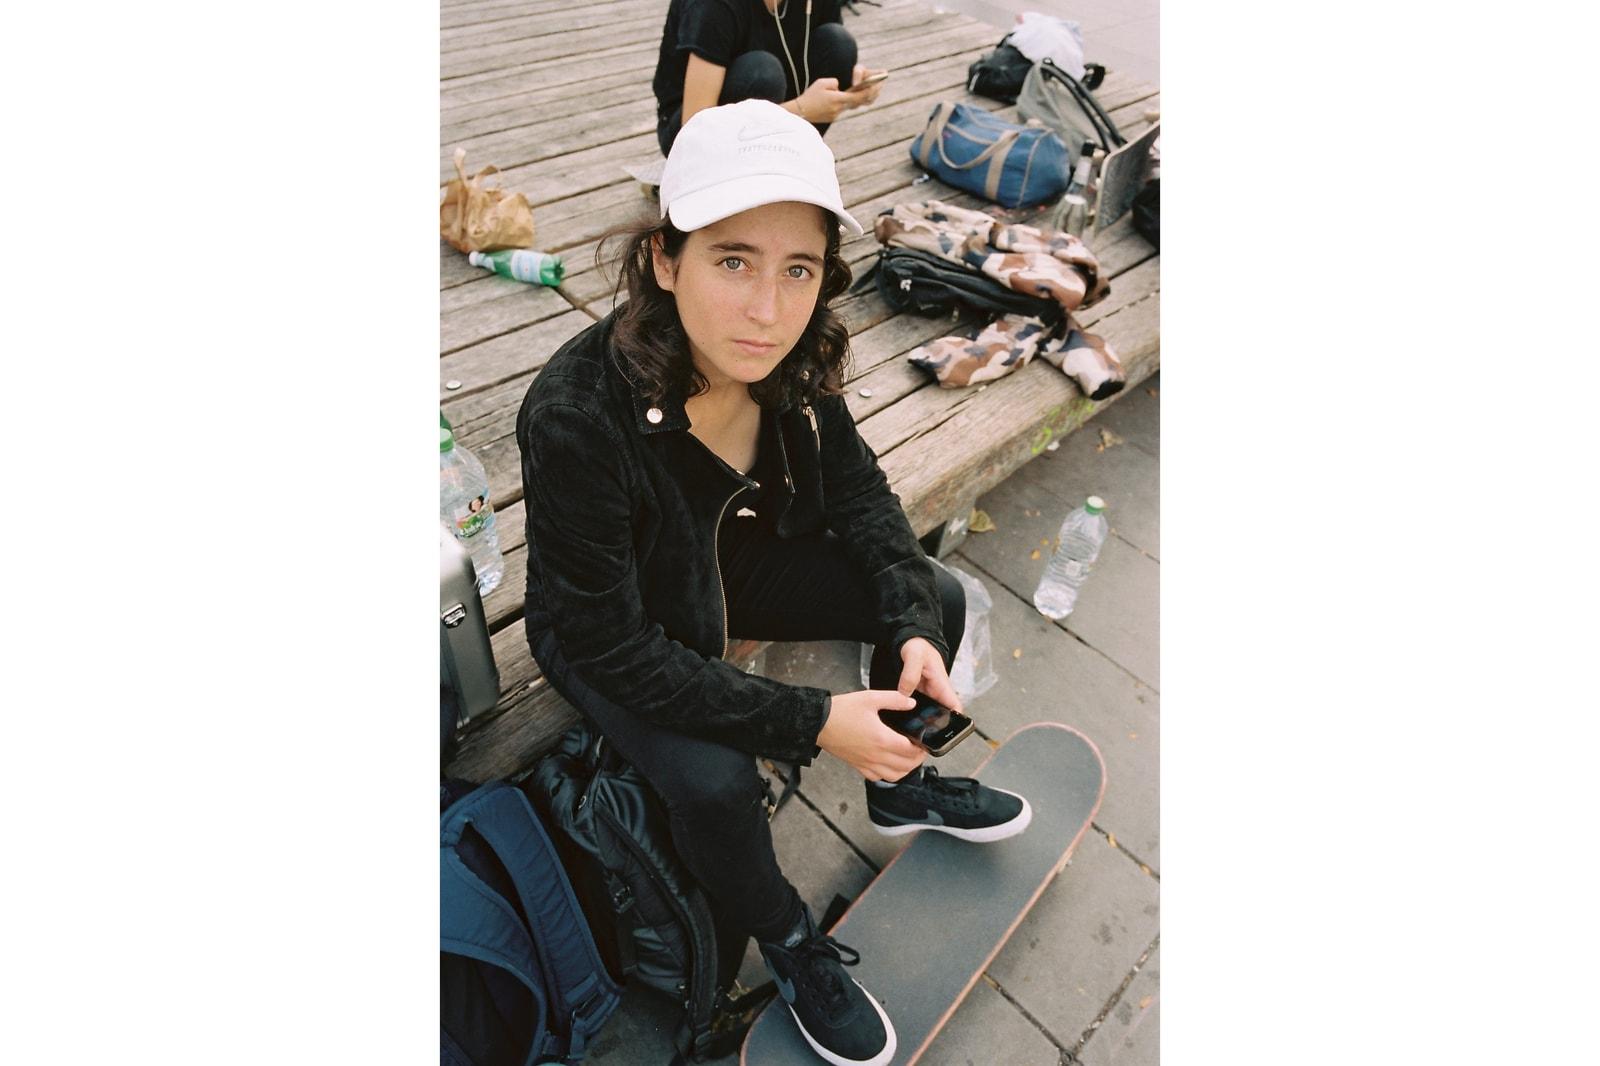 Nike SB Skateboarding Sneakers Girl Power Female Skaters Lacey Baker Sarah Meurle Savannah Stacey Keenan Josie Millard Charlotte Hym